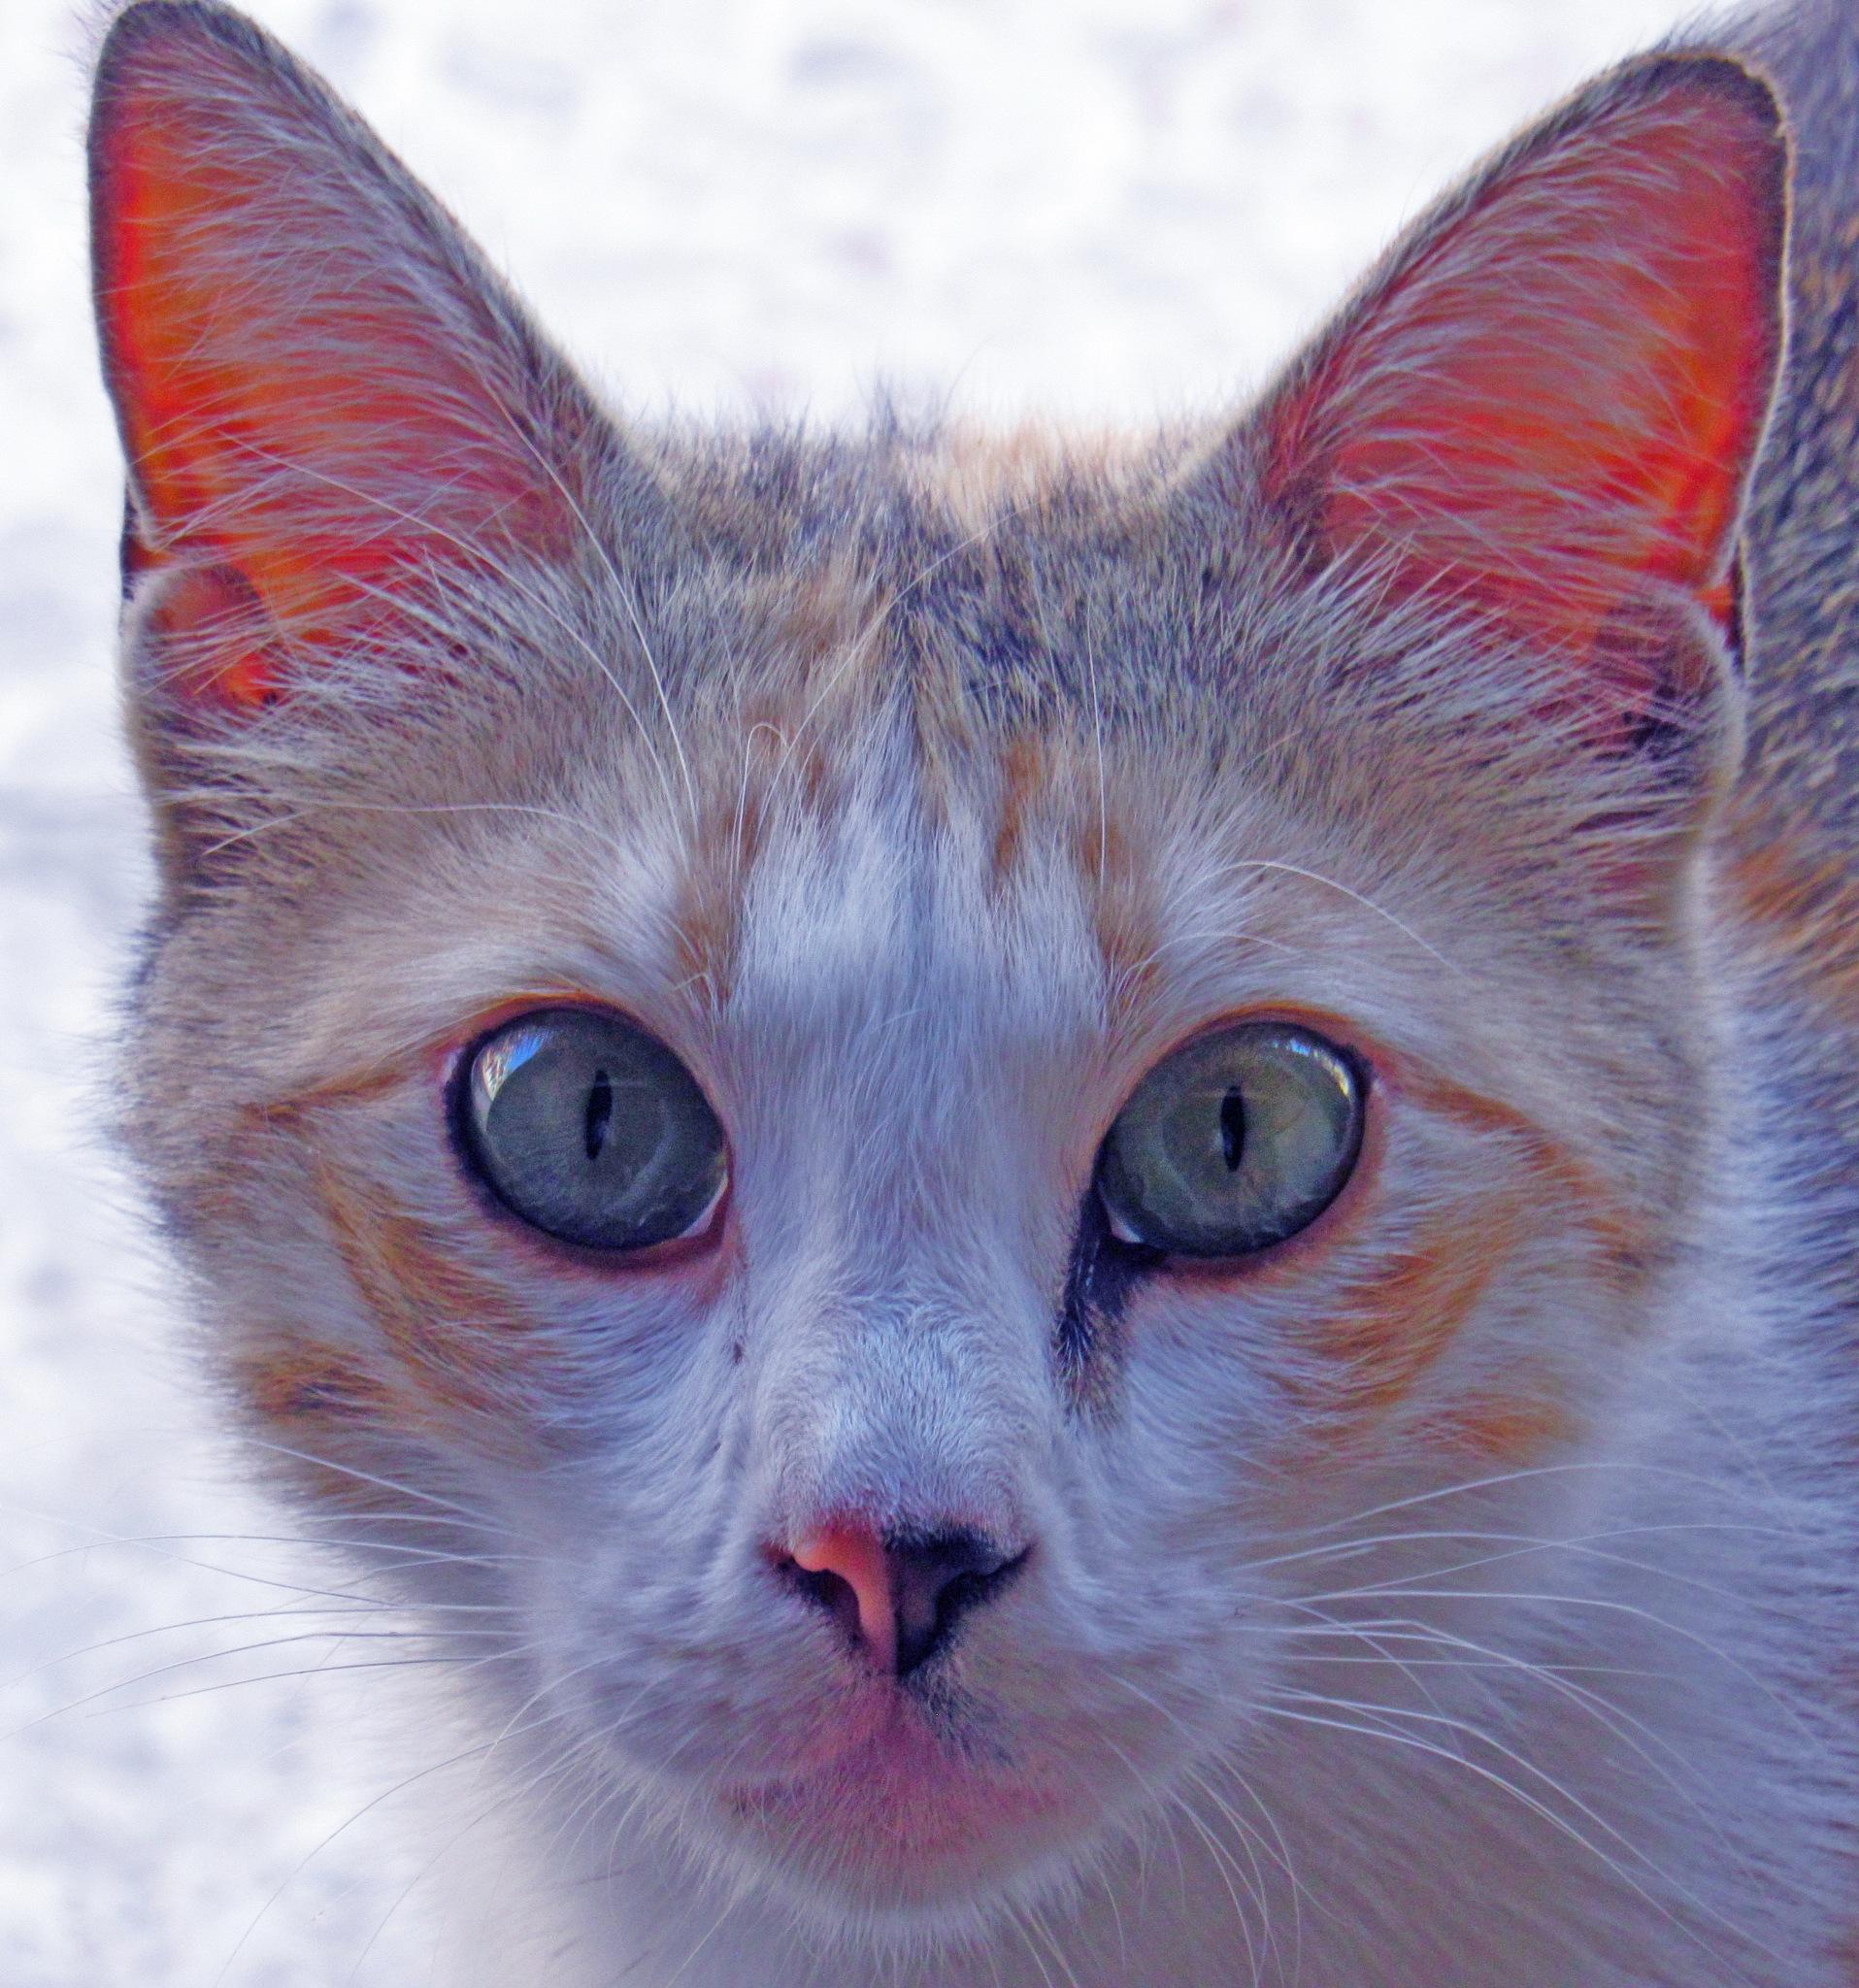 CAT by Basel H Daneel